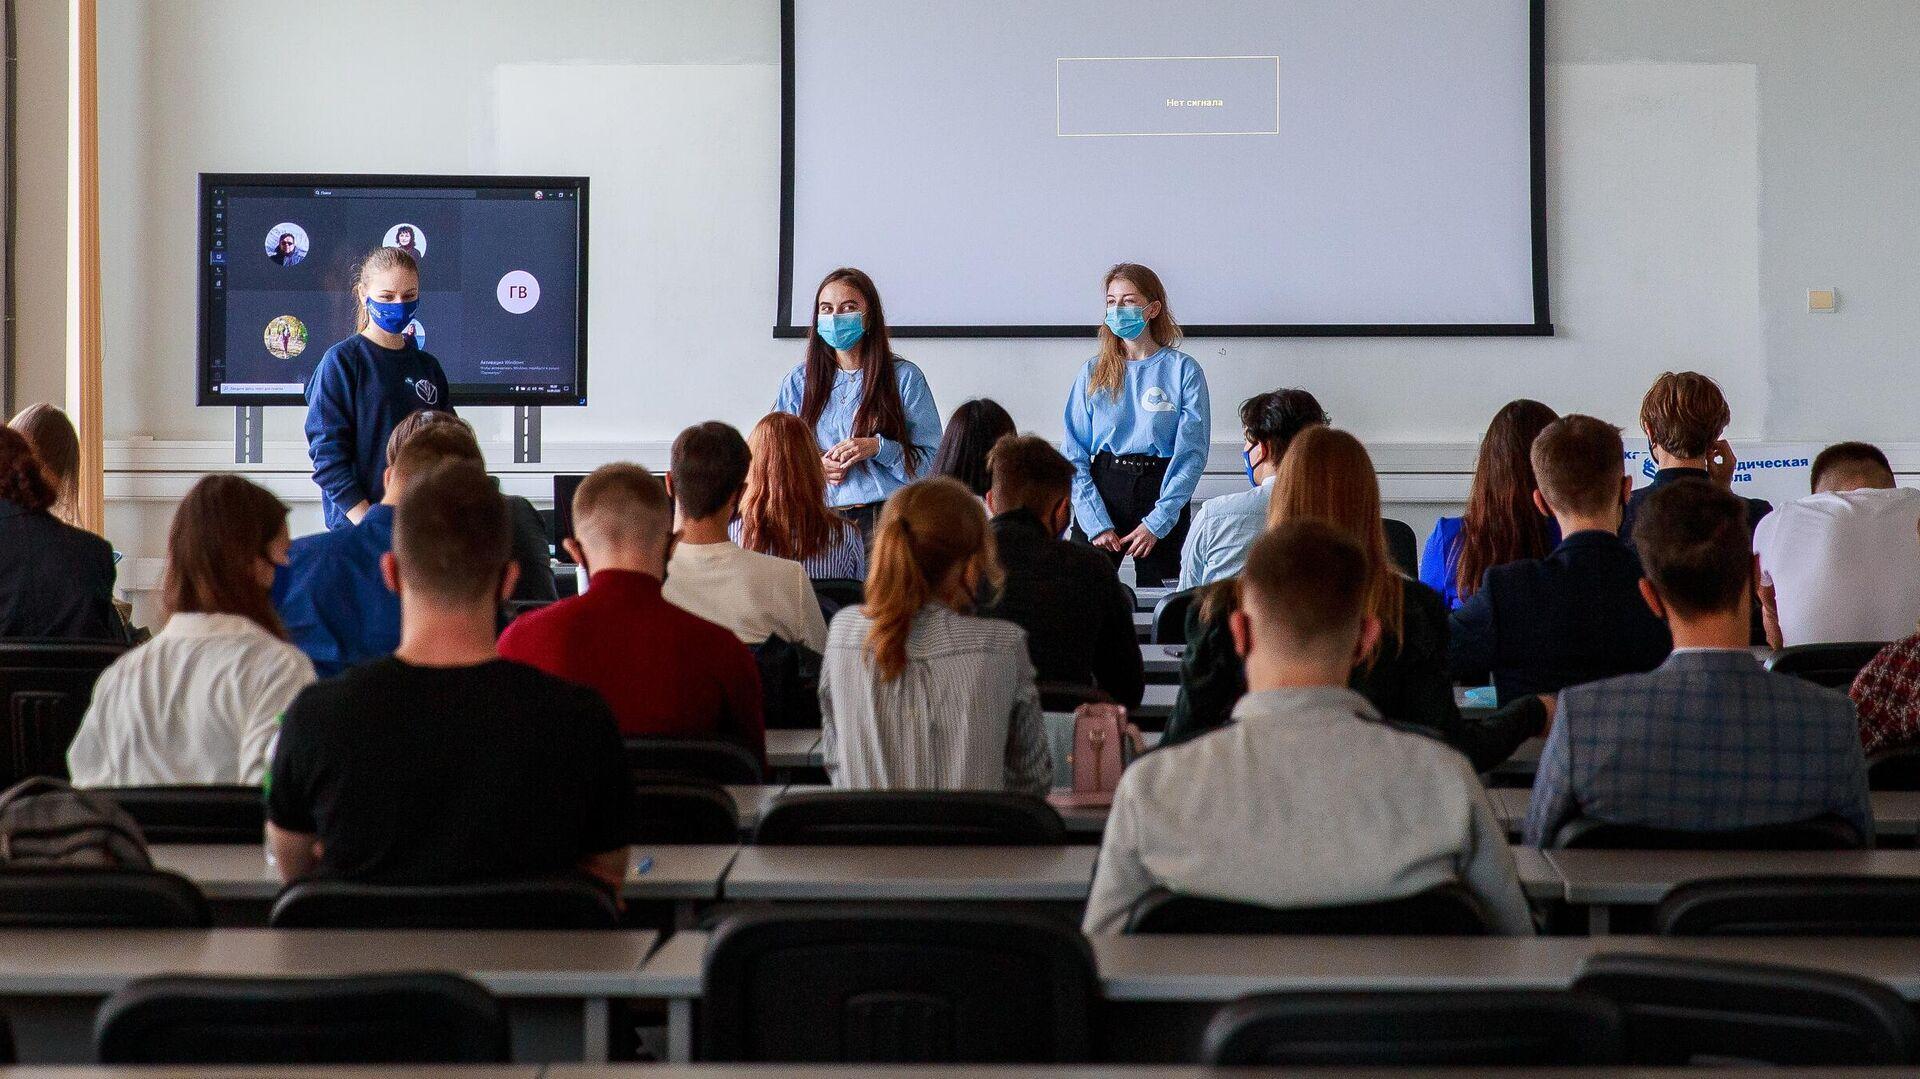 Студенты в аудитории Дальневосточного федерального университета во Владивостоке - РИА Новости, 1920, 08.02.2021